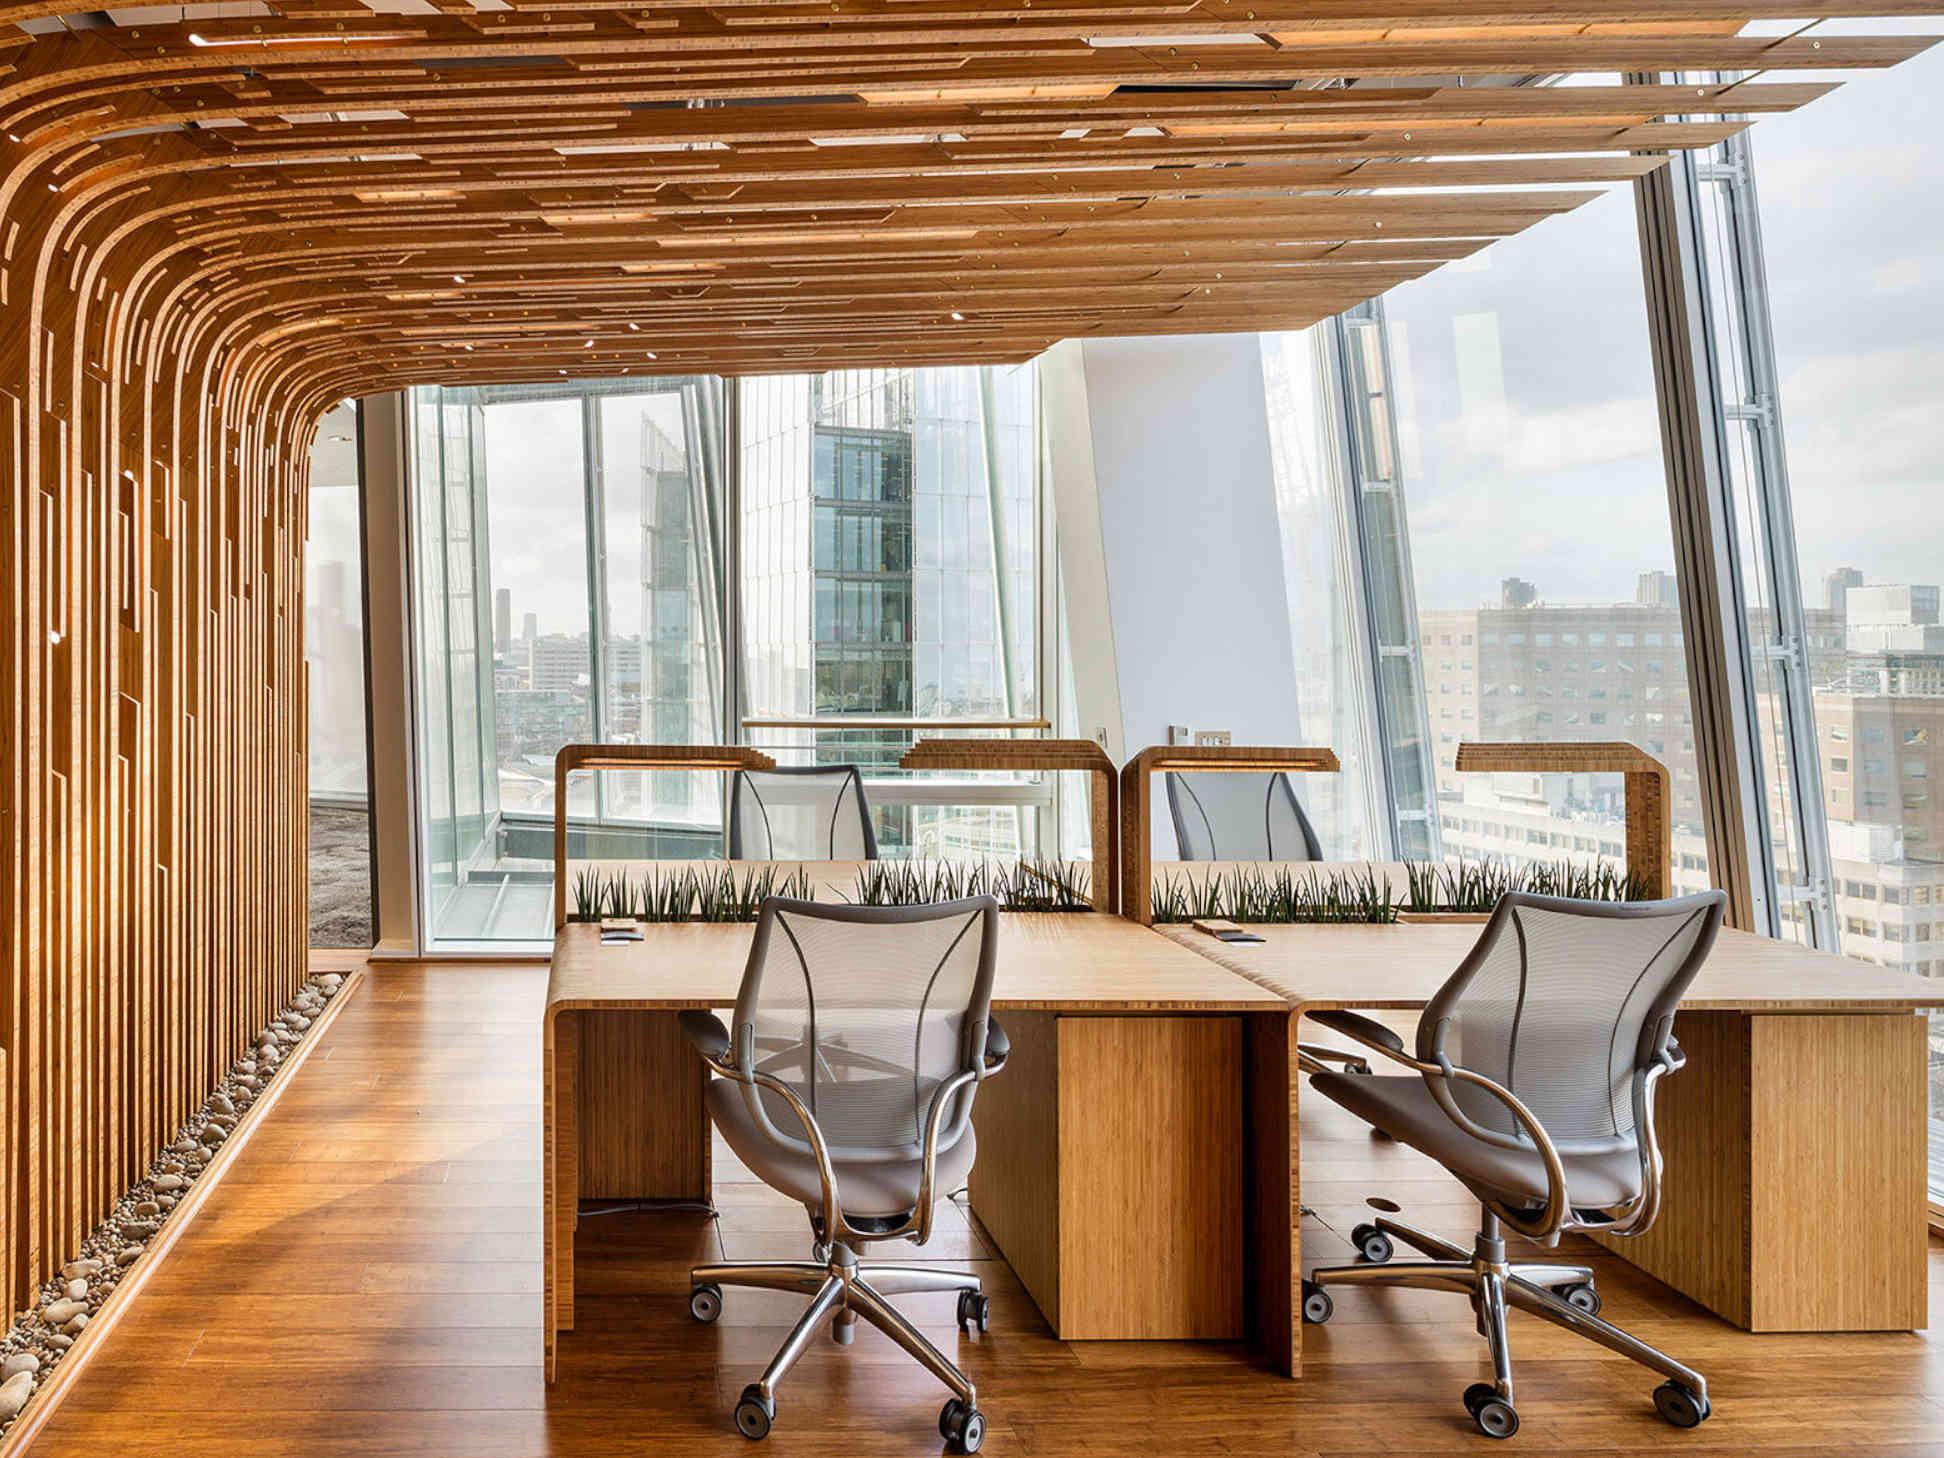 L'habitat lavorativo sperimentale di DaeWha Kang Design: quando il futuro incontra natura ed estetica